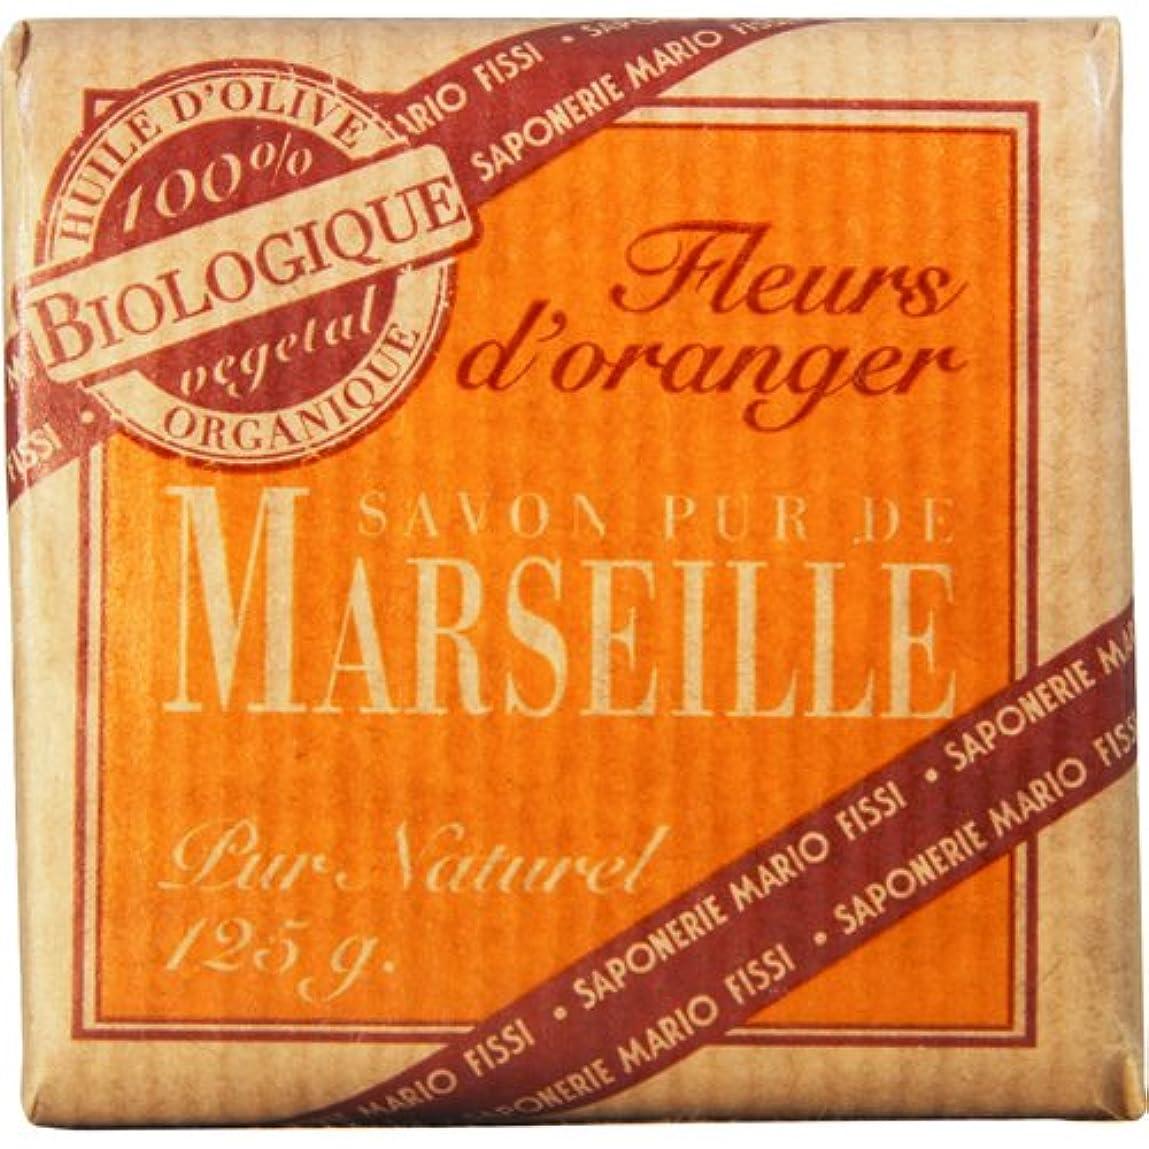 わがままバイパススズメバチSaponerire Fissi マルセイユシリーズ マルセイユソープ 125g Orange Flower オレンジフラワー